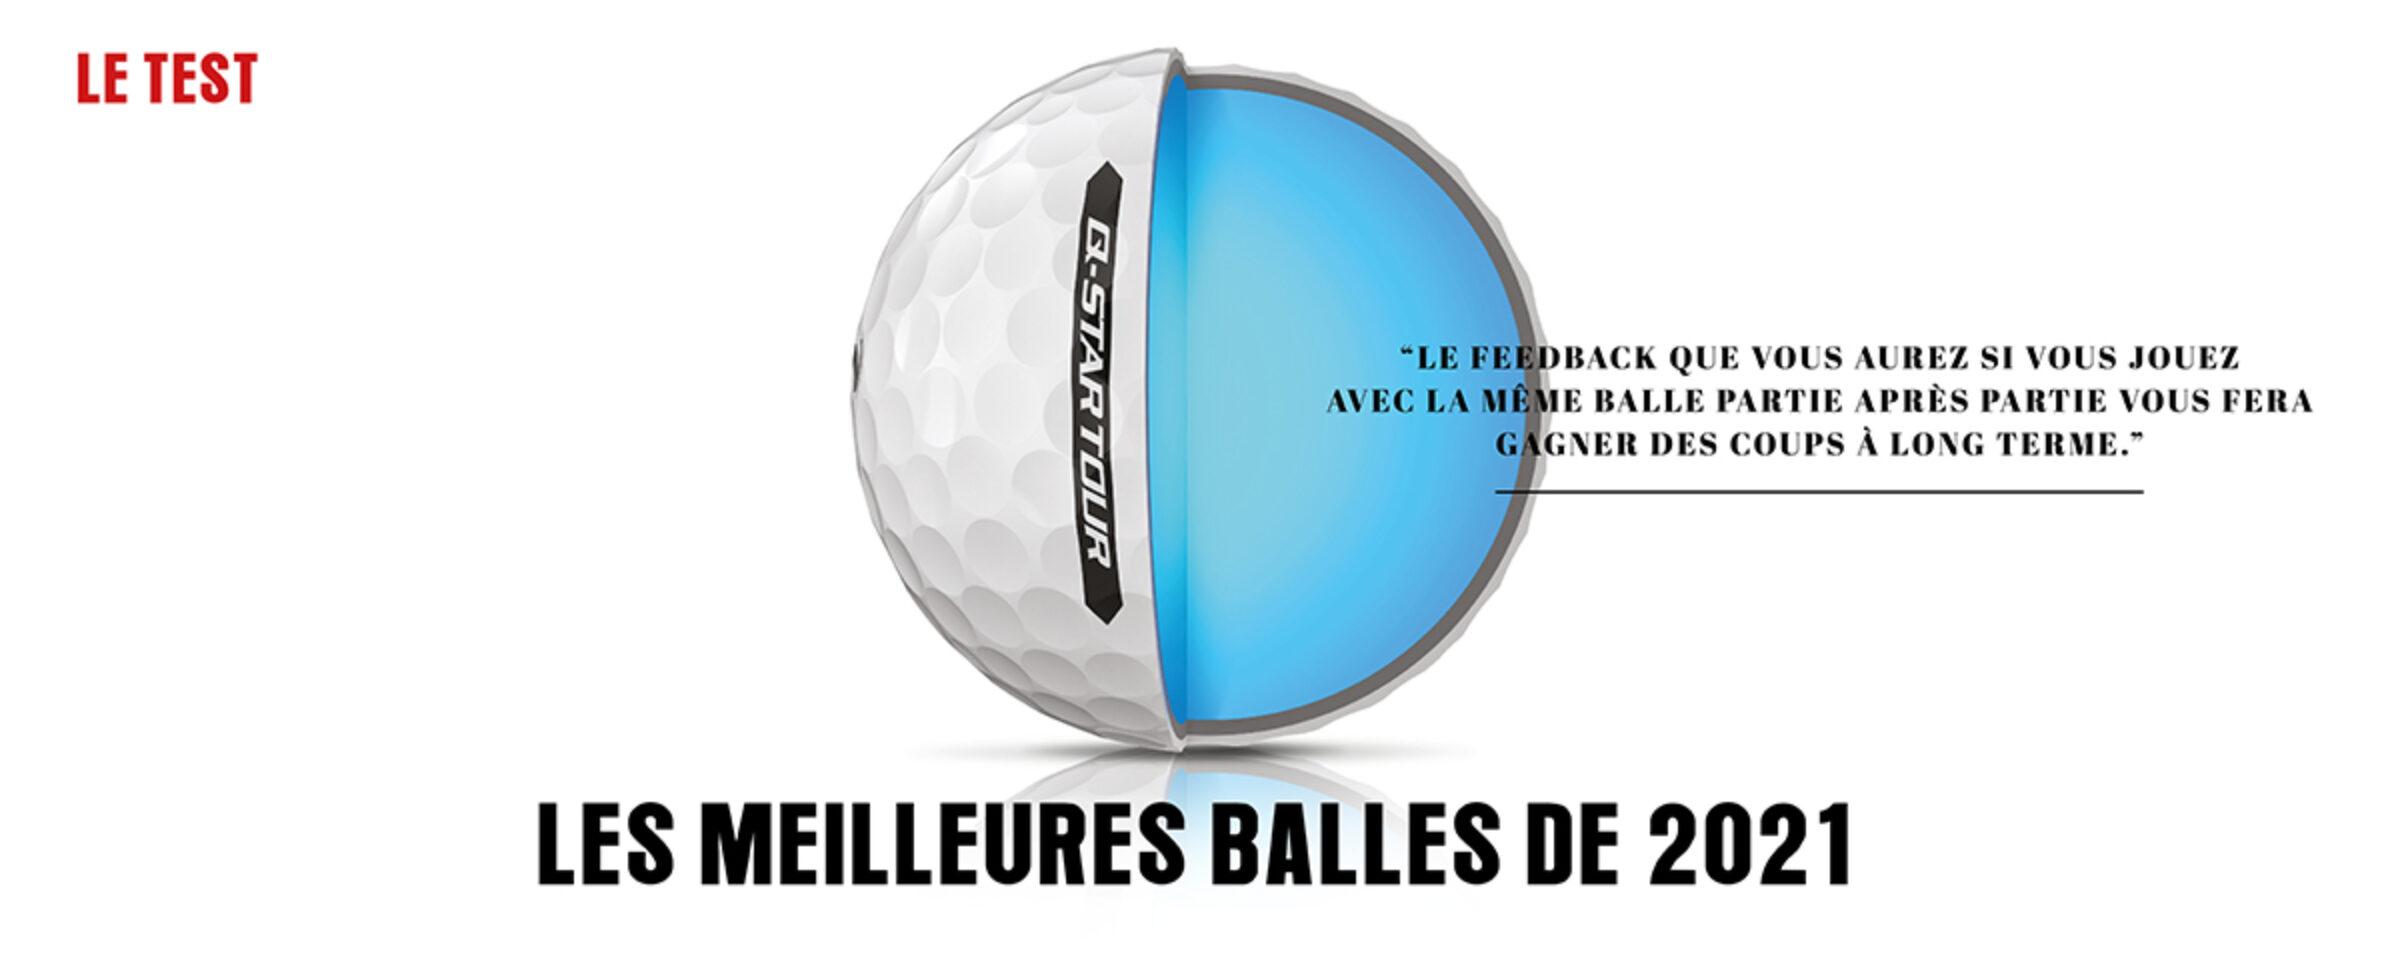 1200 balles